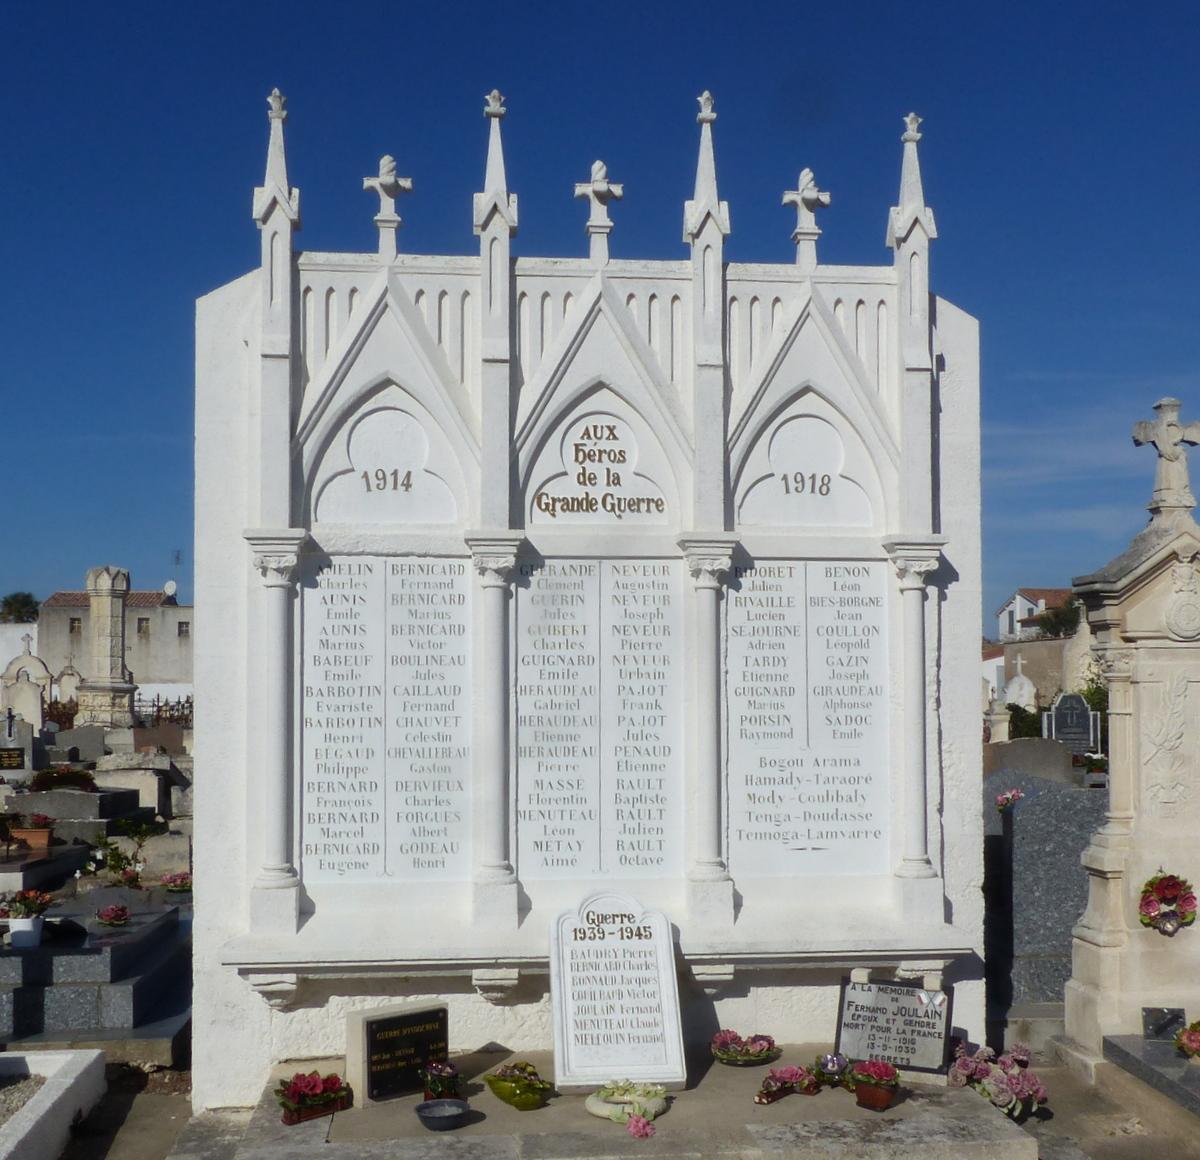 Ars-en-Ré - Monuments au morts dans cimetière - 24 octobre 2018